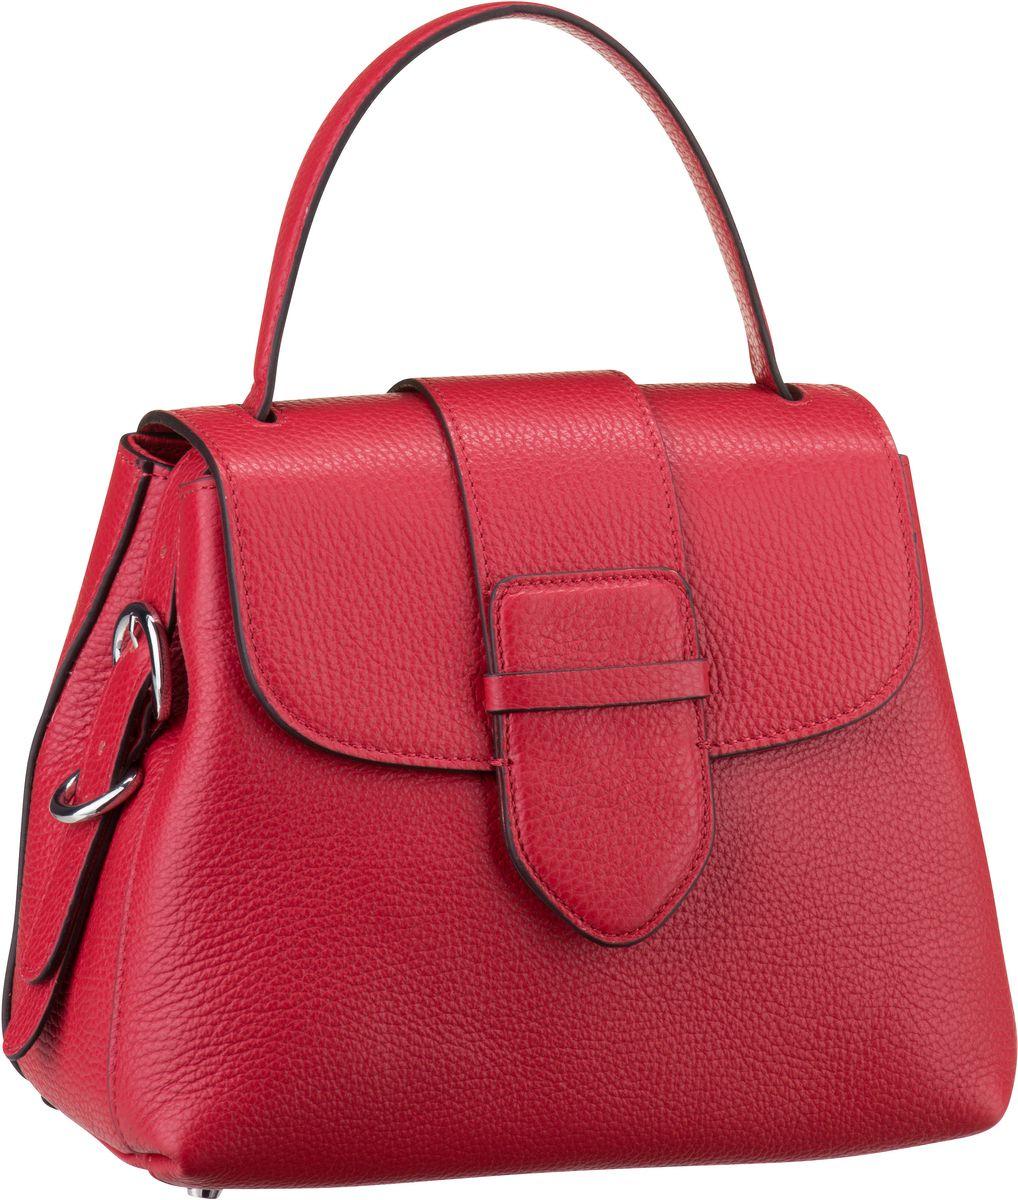 abro Handtasche Calf Adria 28178 Red